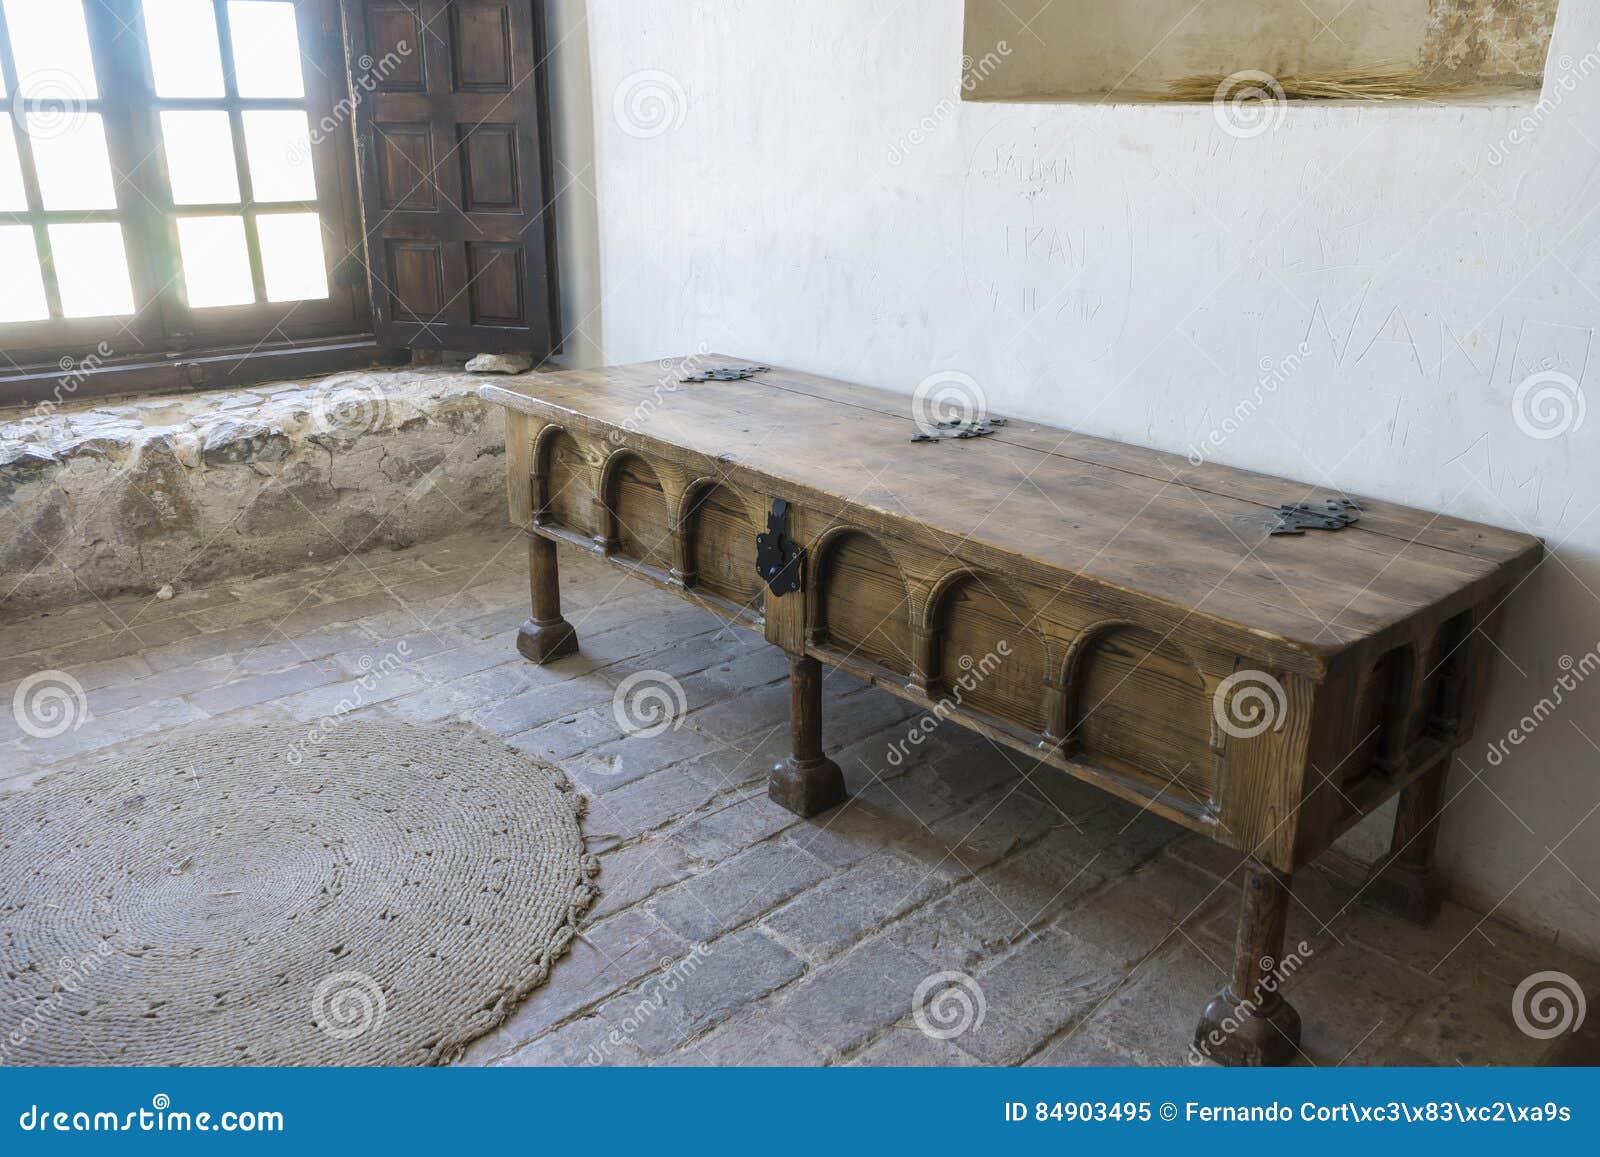 Muebles De Madera Interior Del Castillo Medieval De La Ciudad De  # Muebles Rumanos